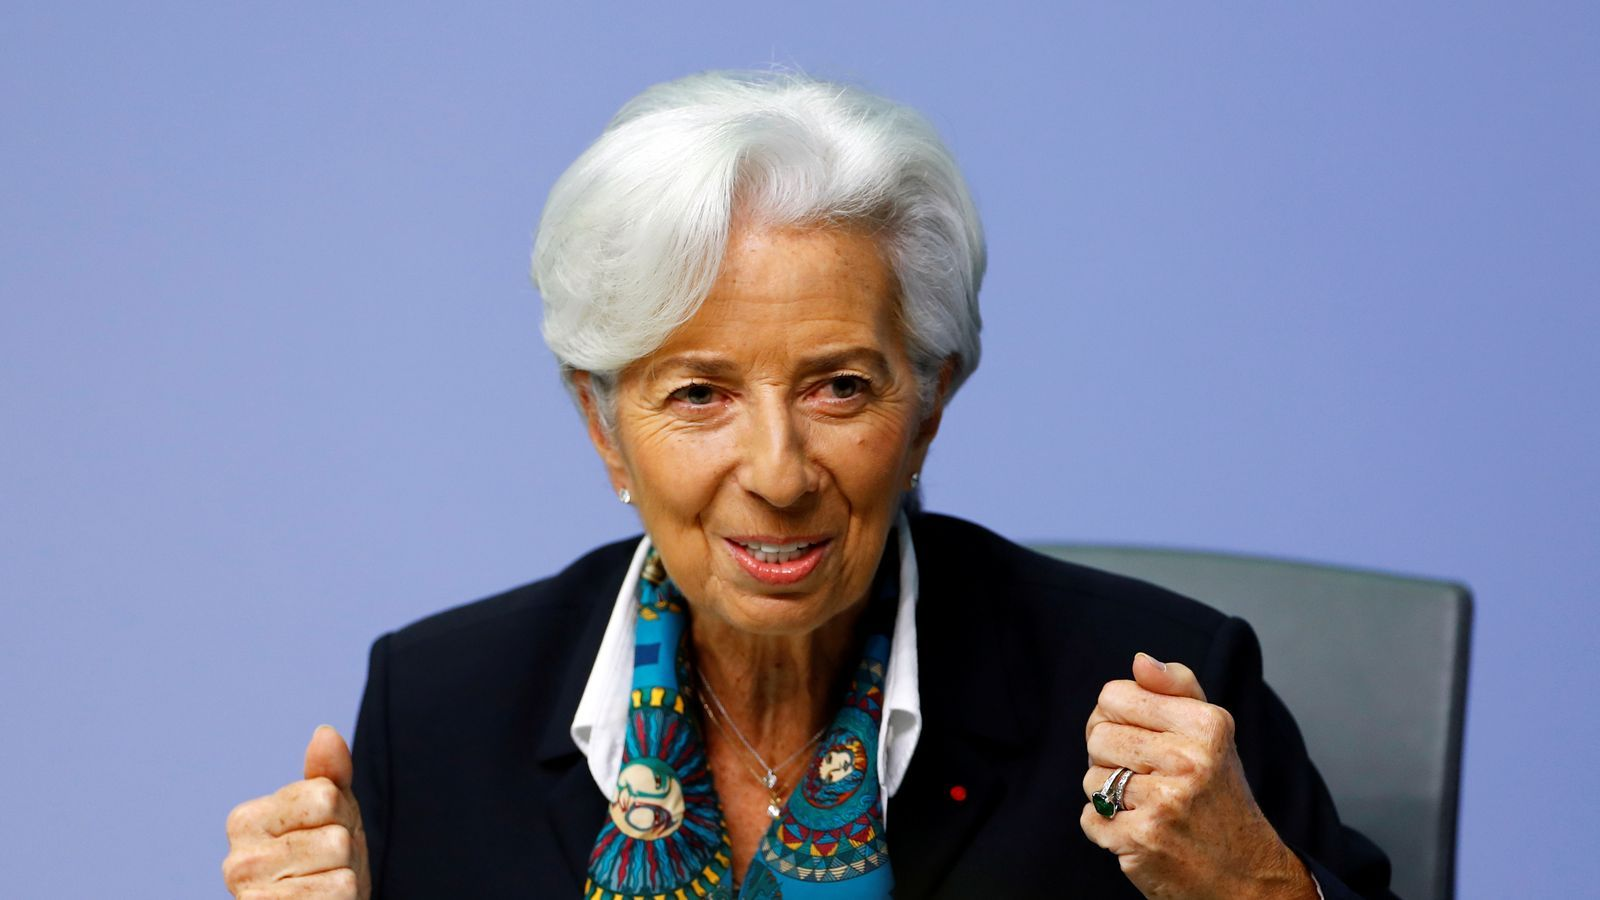 El BCE redobla amb 600.000 M€ més la injecció de fons per salvar l'economia